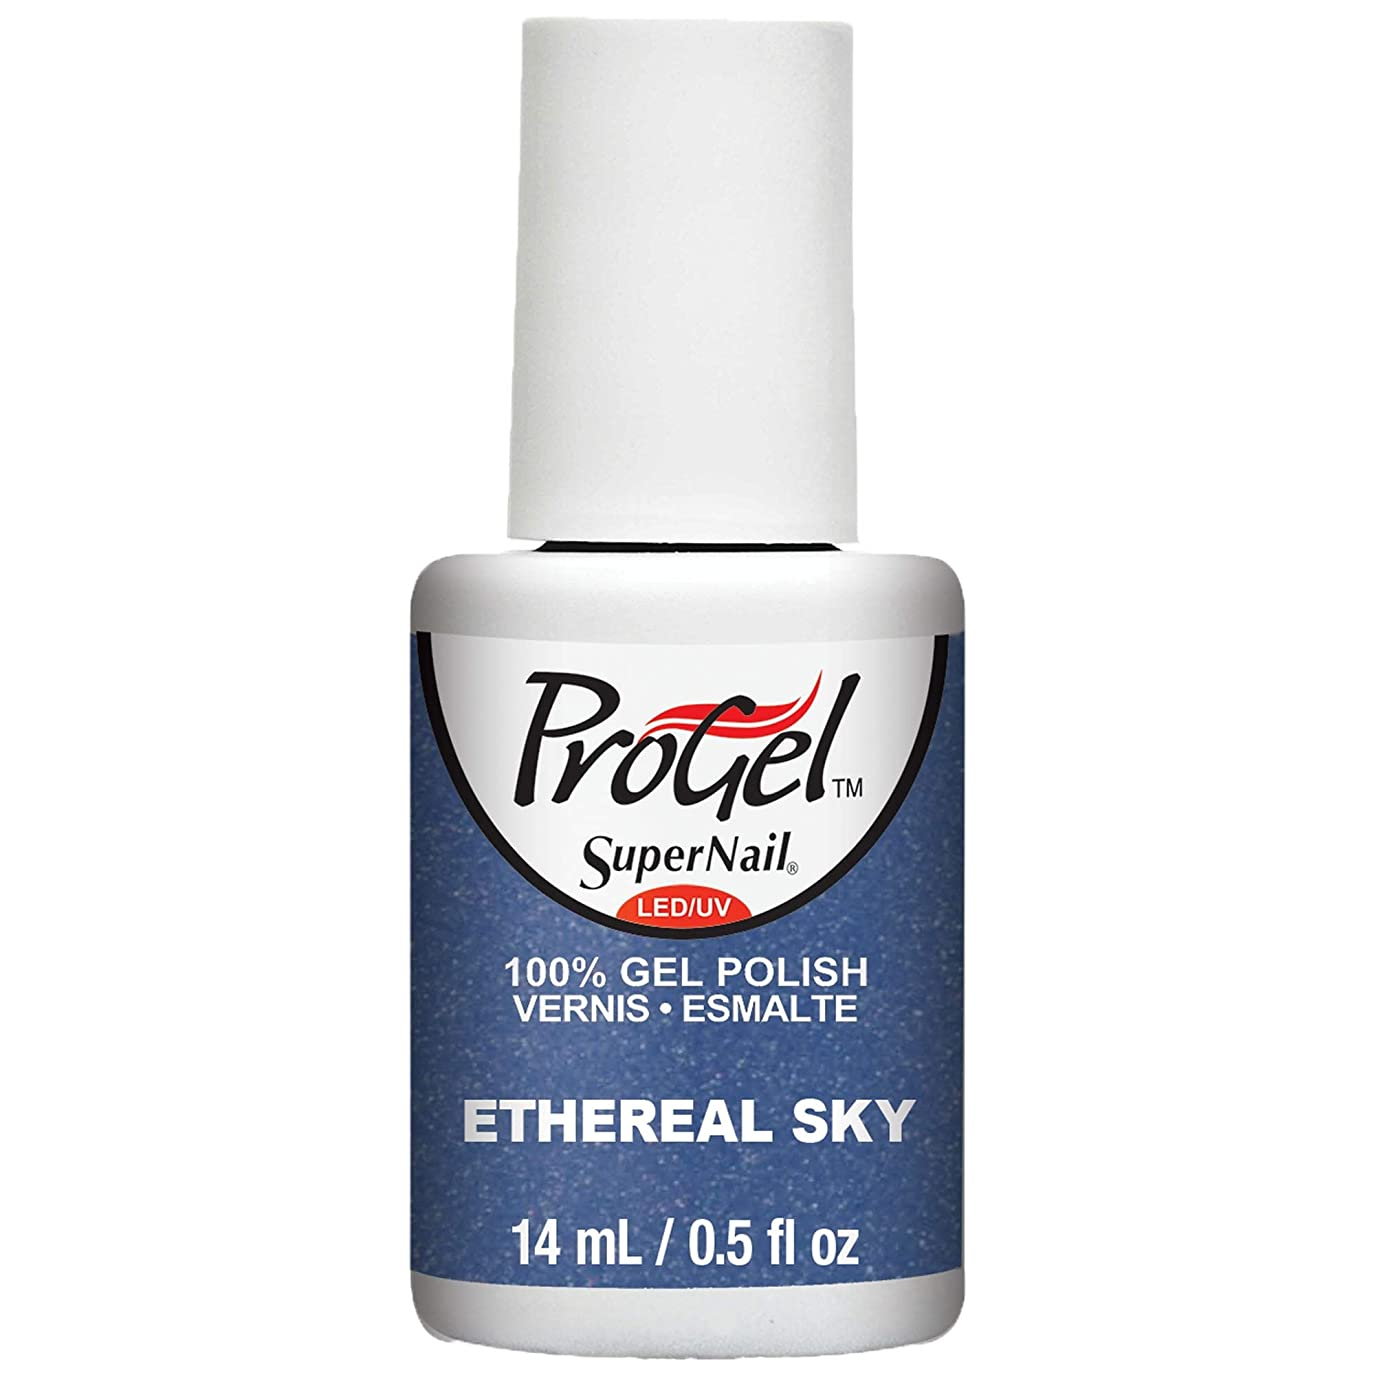 孤独な剥ぎ取る古代SuperNail ProGel Gel Polish - Ethereal Sky - 0.5oz / 14ml